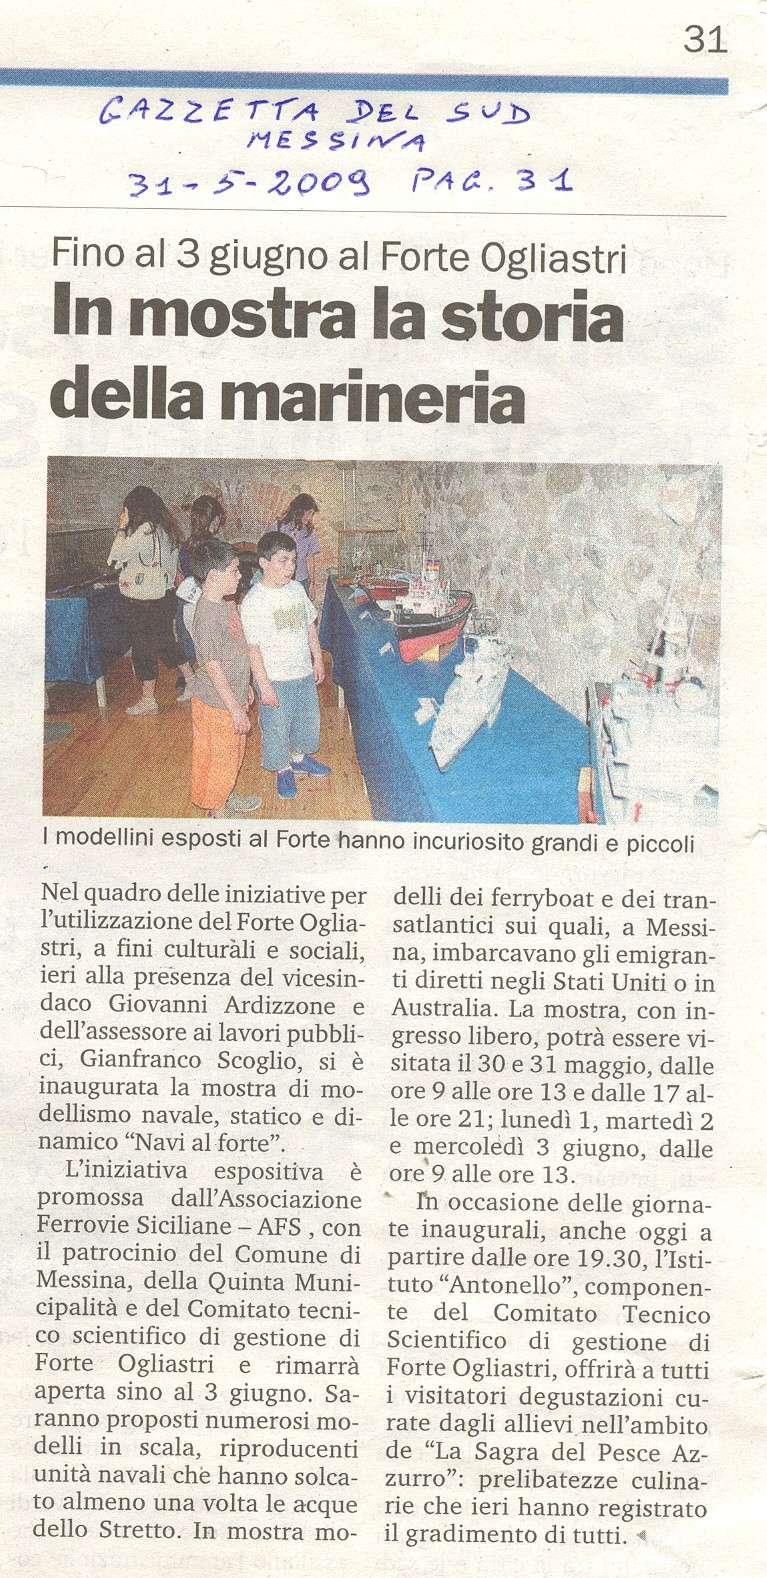 30 maggio -> 3 giugno 2009:  NAVI AL FORTE (Messina) Scansi10